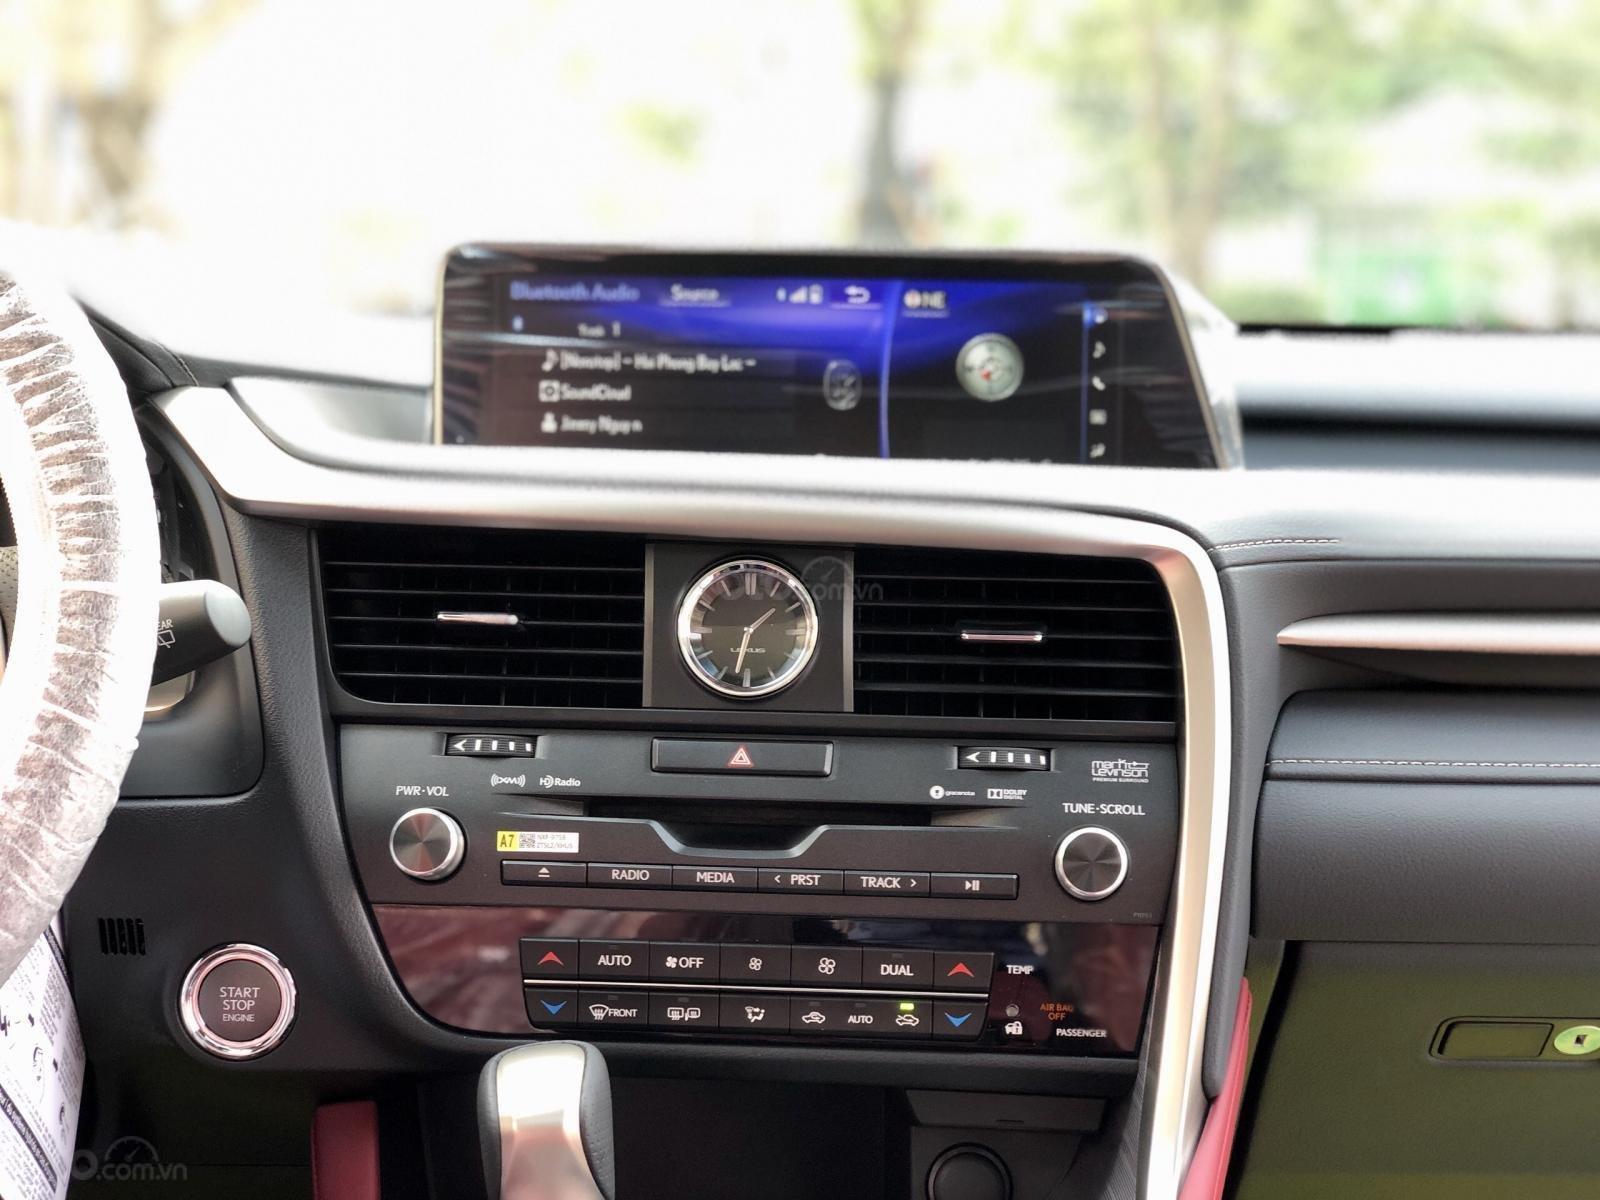 Bán xe Lexus RX350 Fsport 2019 màu trắng, mới 100% nhậP Mỹ. Trả trước 1 tỷ, bank hỗ trợ 80%. Em Lộc: 093.798.2266 (19)